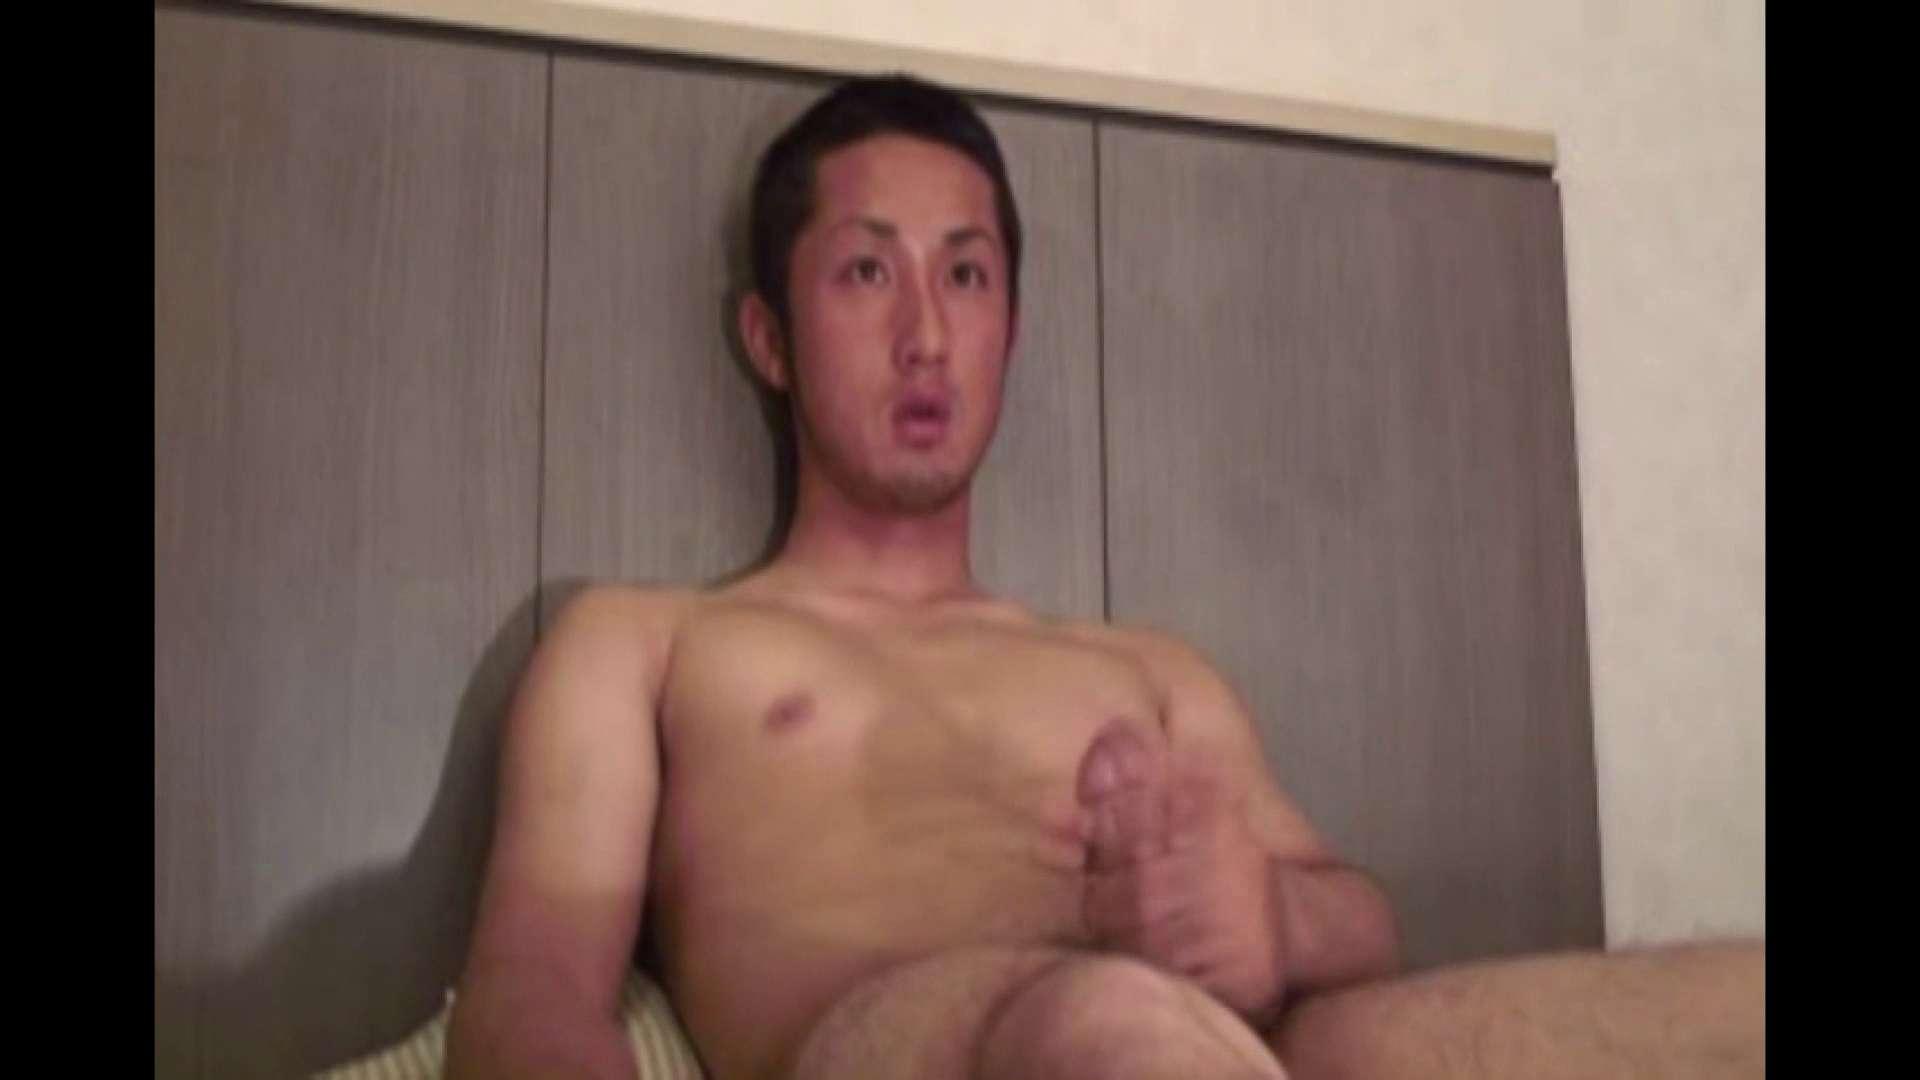 ノンケイケメンの欲望と肉棒 Vol.4 肉   ノンケボーイズ  52pic 50